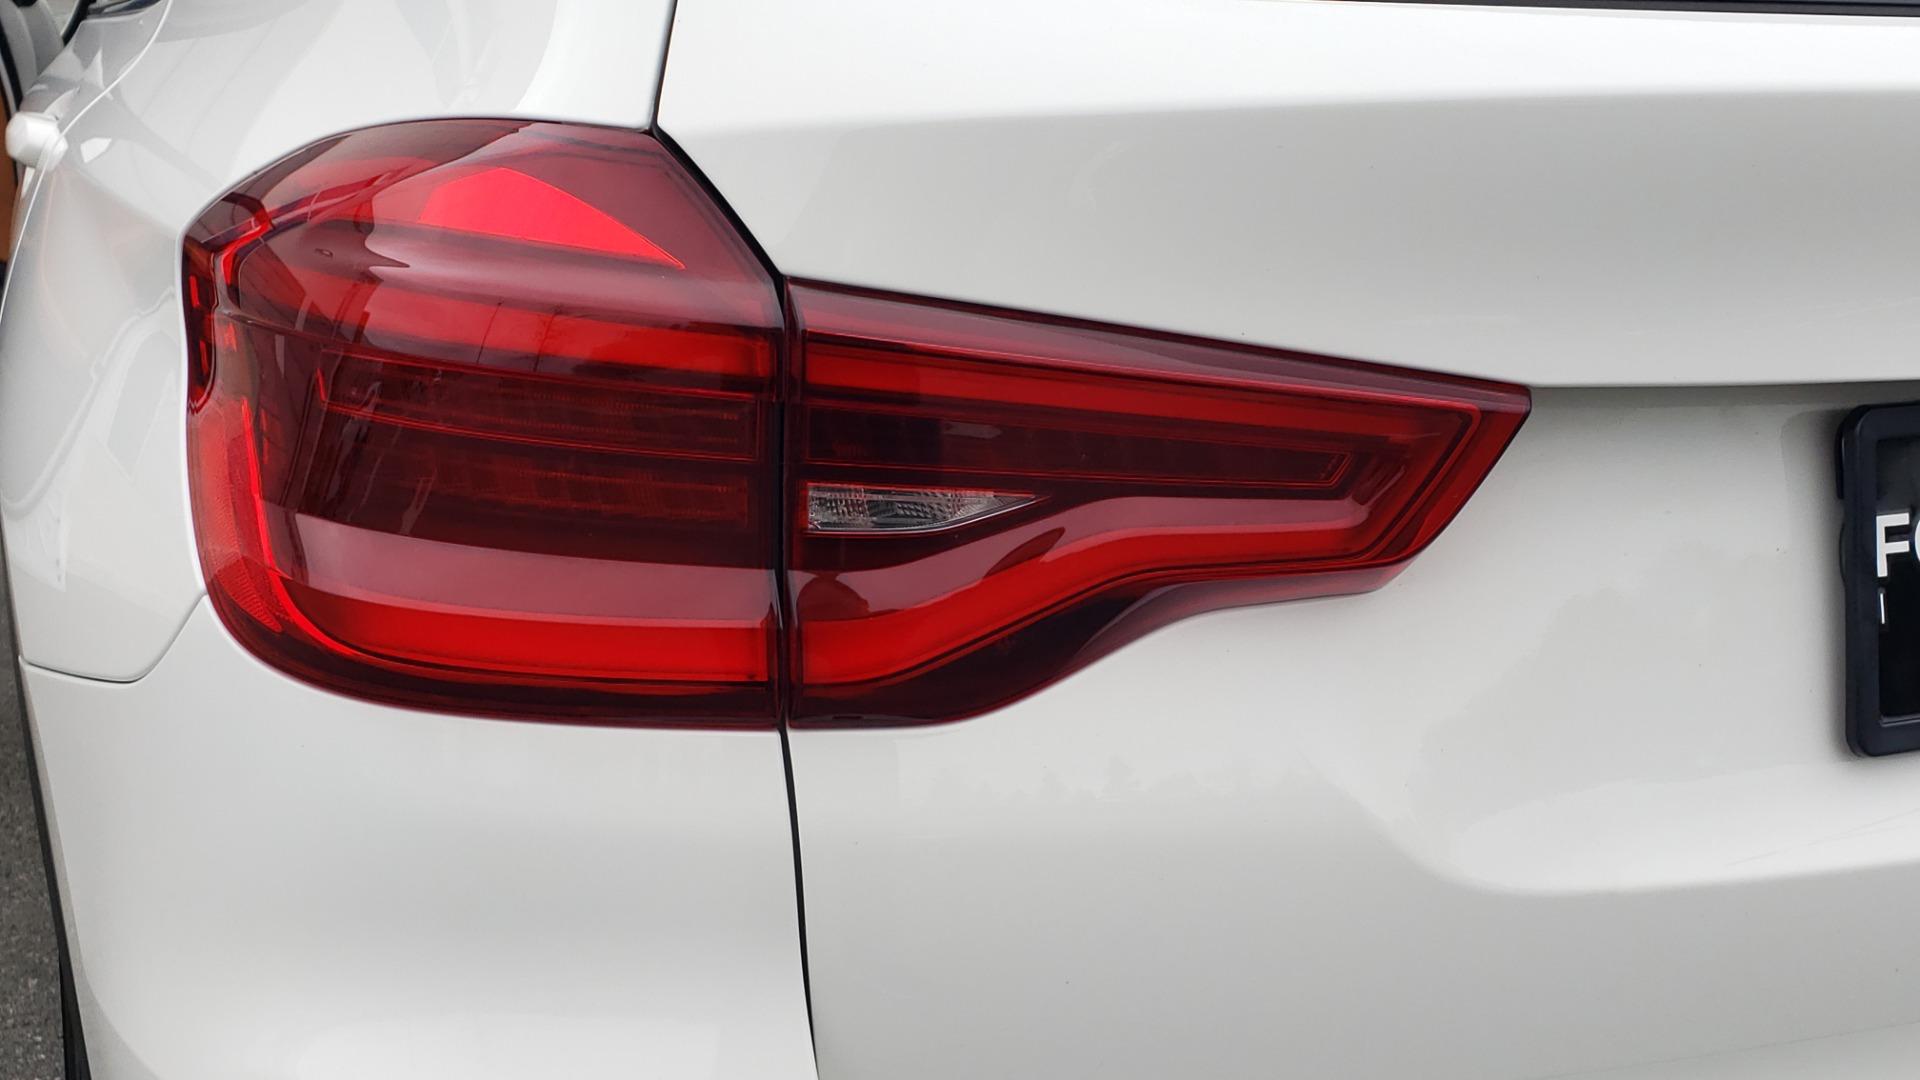 Used 2018 BMW X3 XDRIVE30I / LUX PKG / PREM PKG / CONV PKG / PDC / APPLE CARPLAY for sale Sold at Formula Imports in Charlotte NC 28227 30